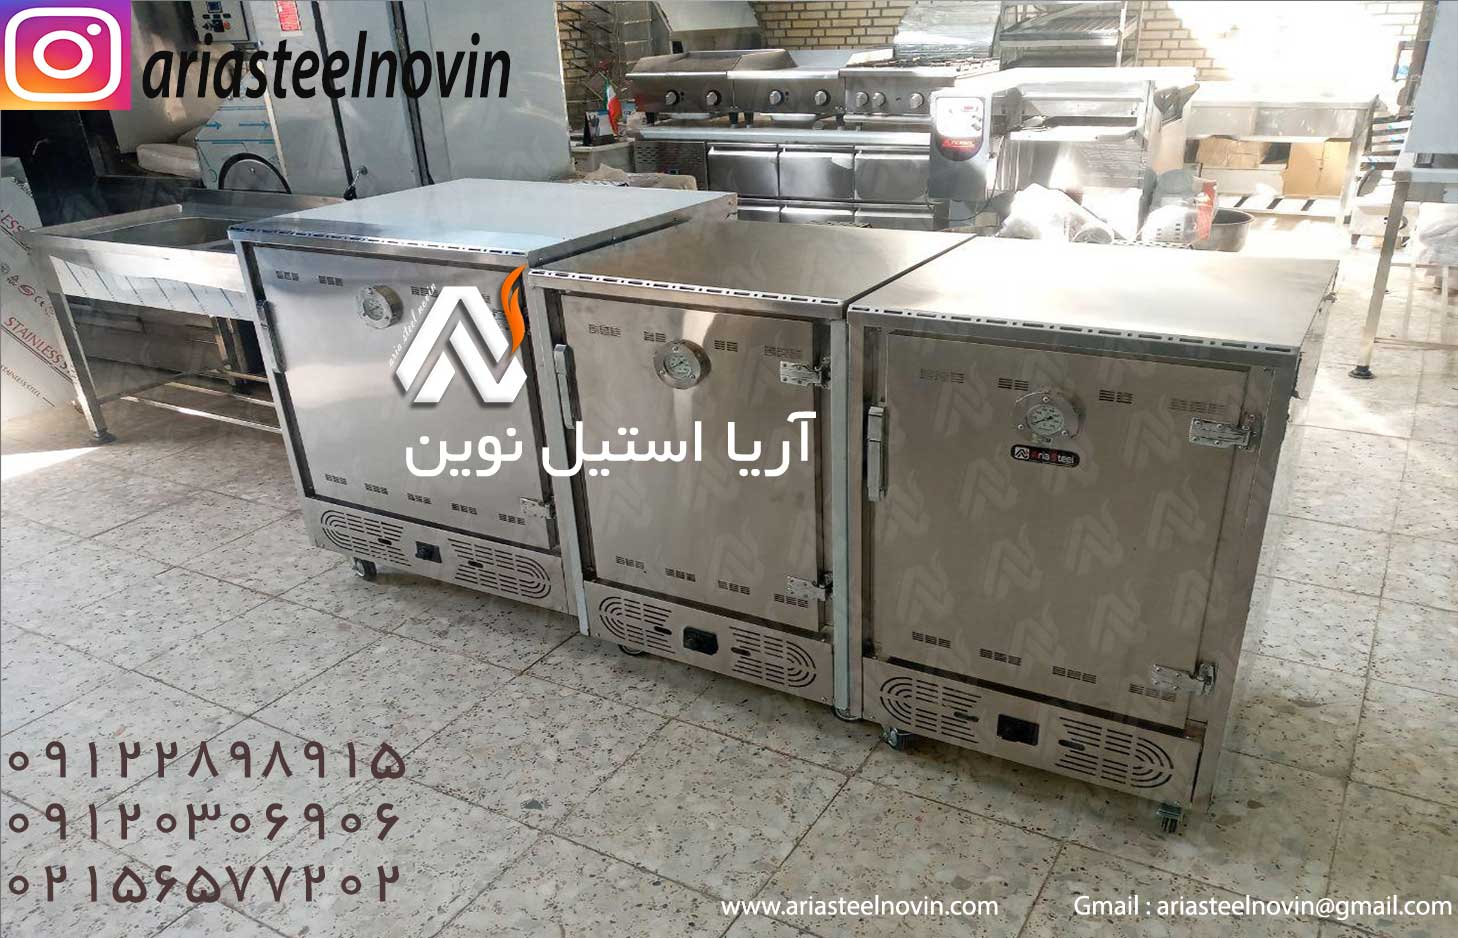 گرمکن-غذا | تجهیزات آشپزخانه صنعتی | تجهیزات فست فود